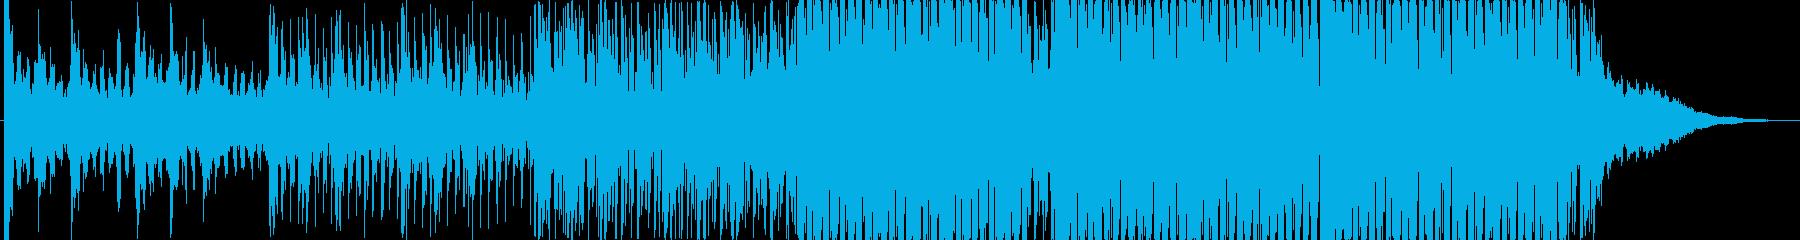 法人 アクション 技術的な ハイテ...の再生済みの波形